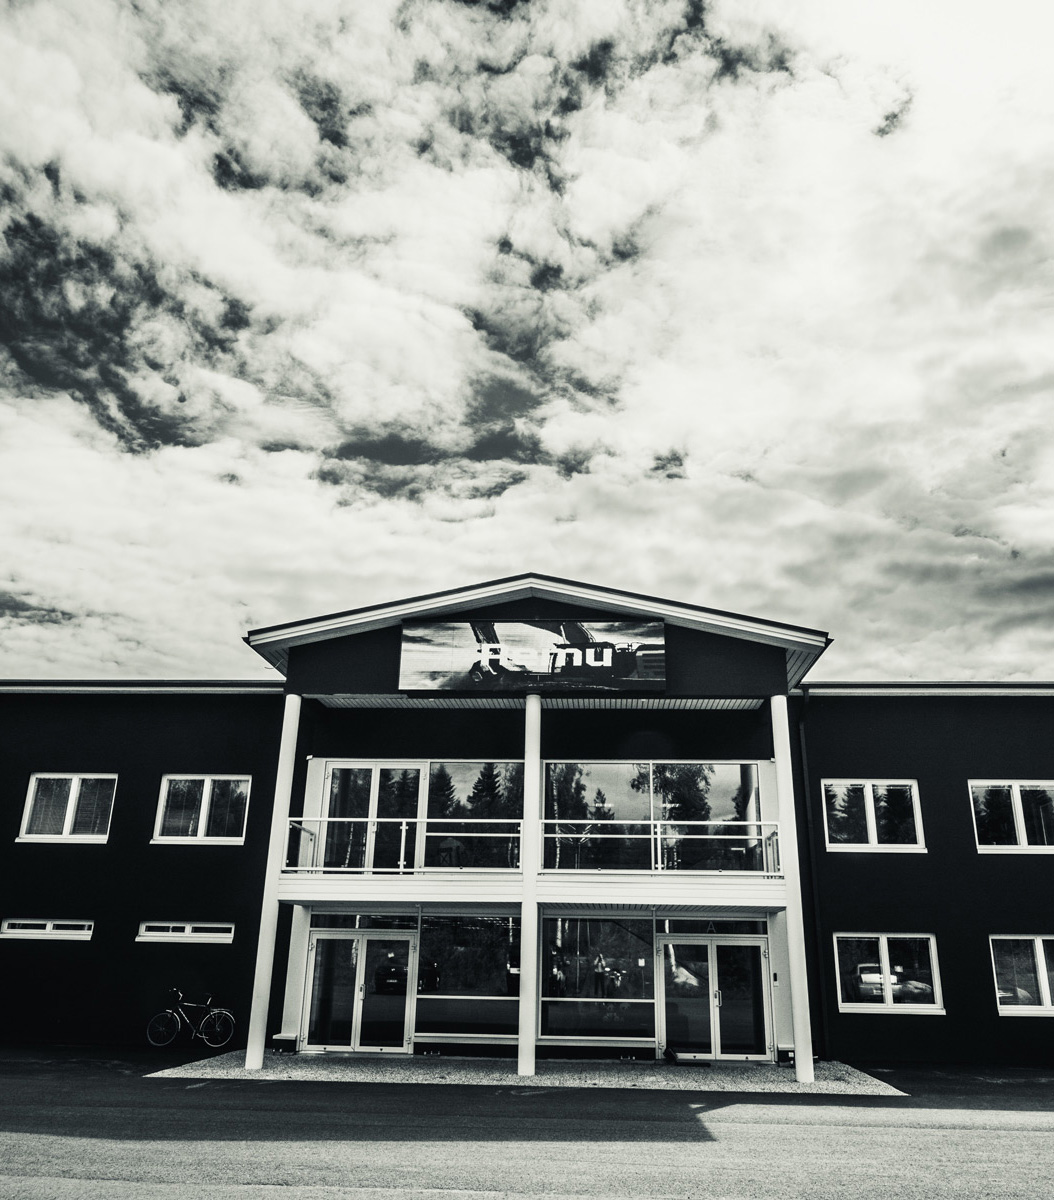 Remu headquarters